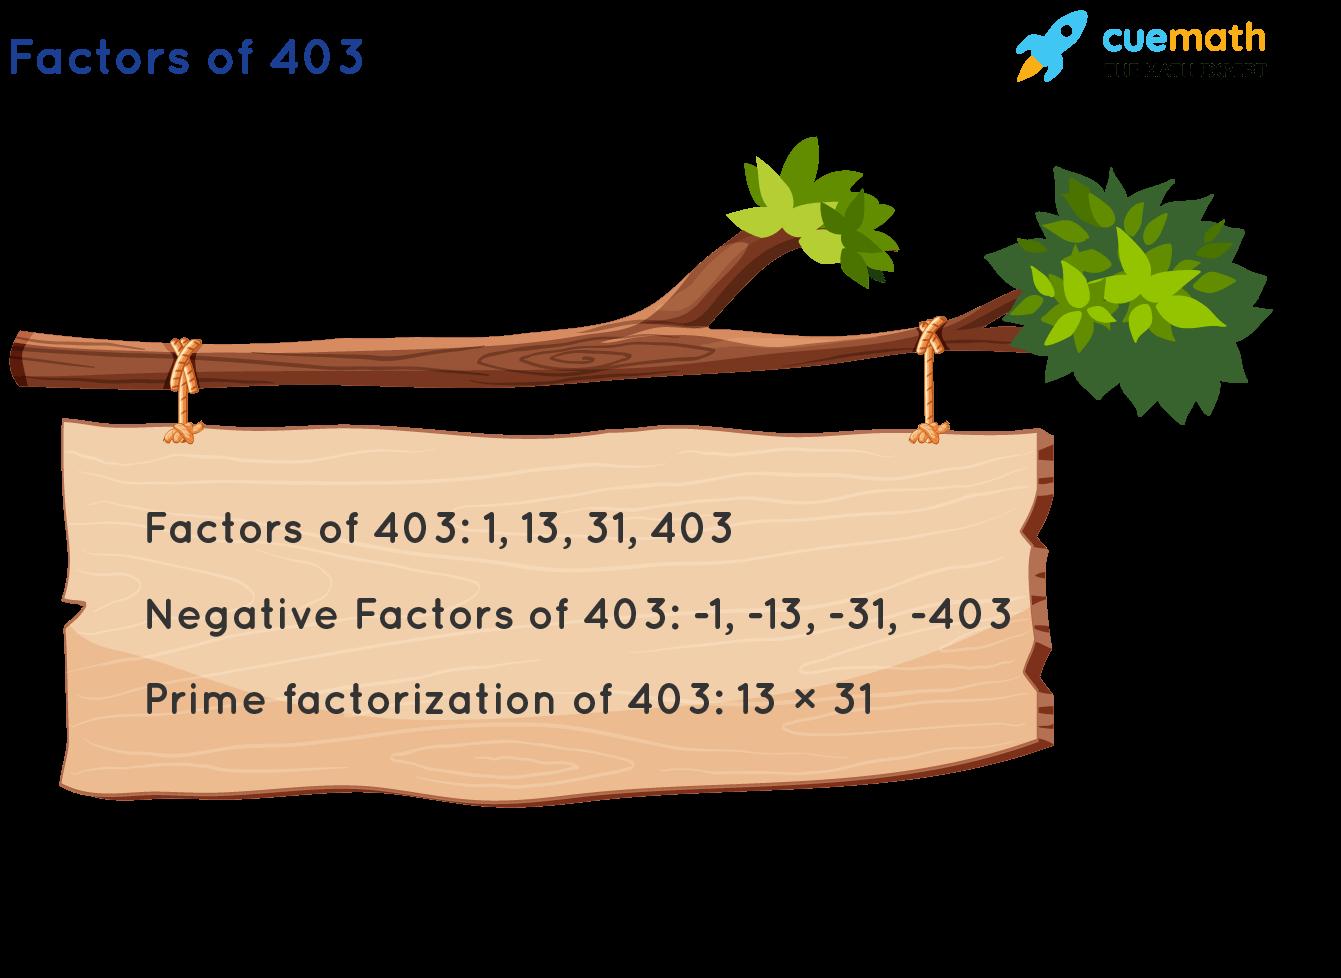 Factors of 403